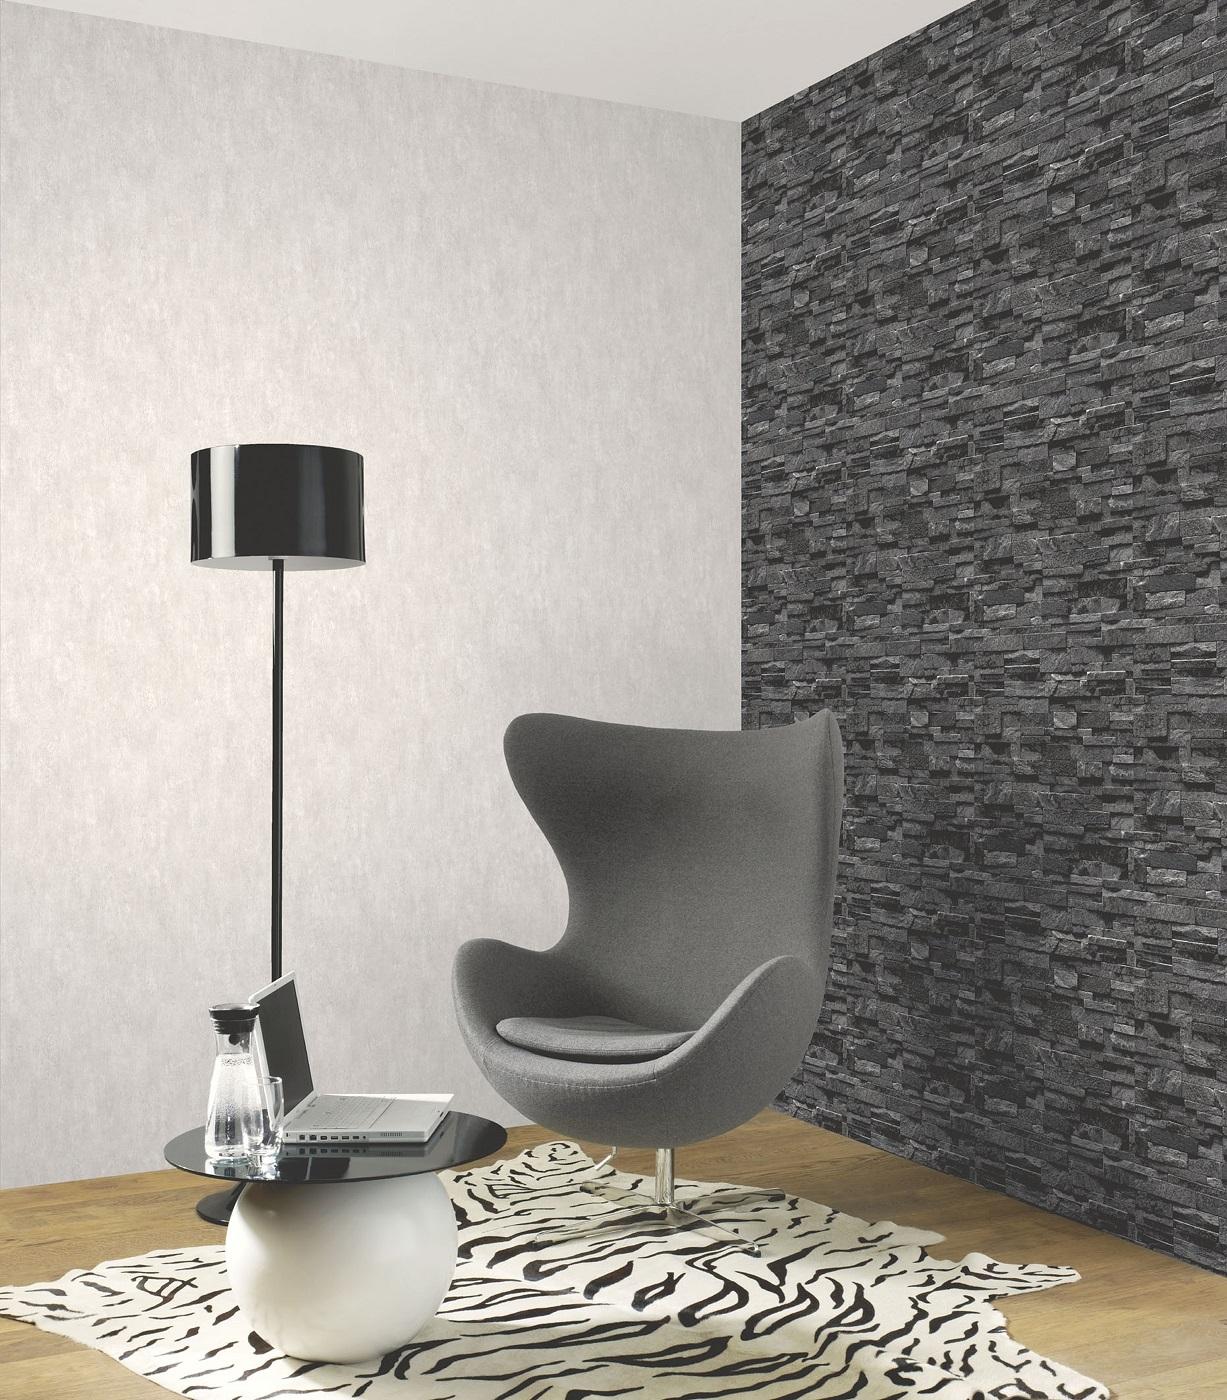 بالصور ورق جدران رمادي , احدث شكل لورق الجدران الرمادي 4504 4